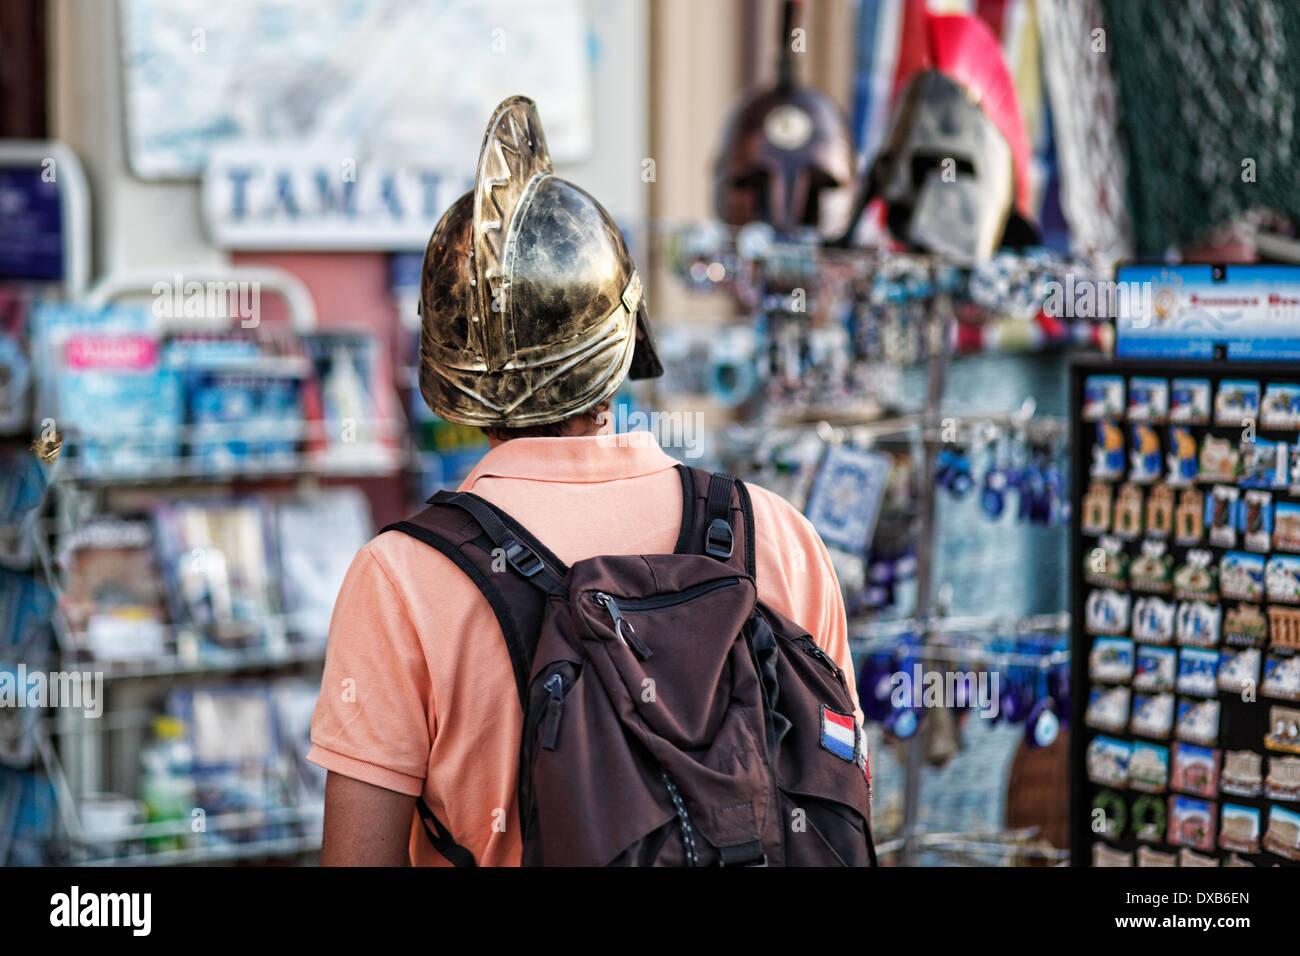 Un touriste avec casque dans les rues d'Athènes, Grèce Photo Stock